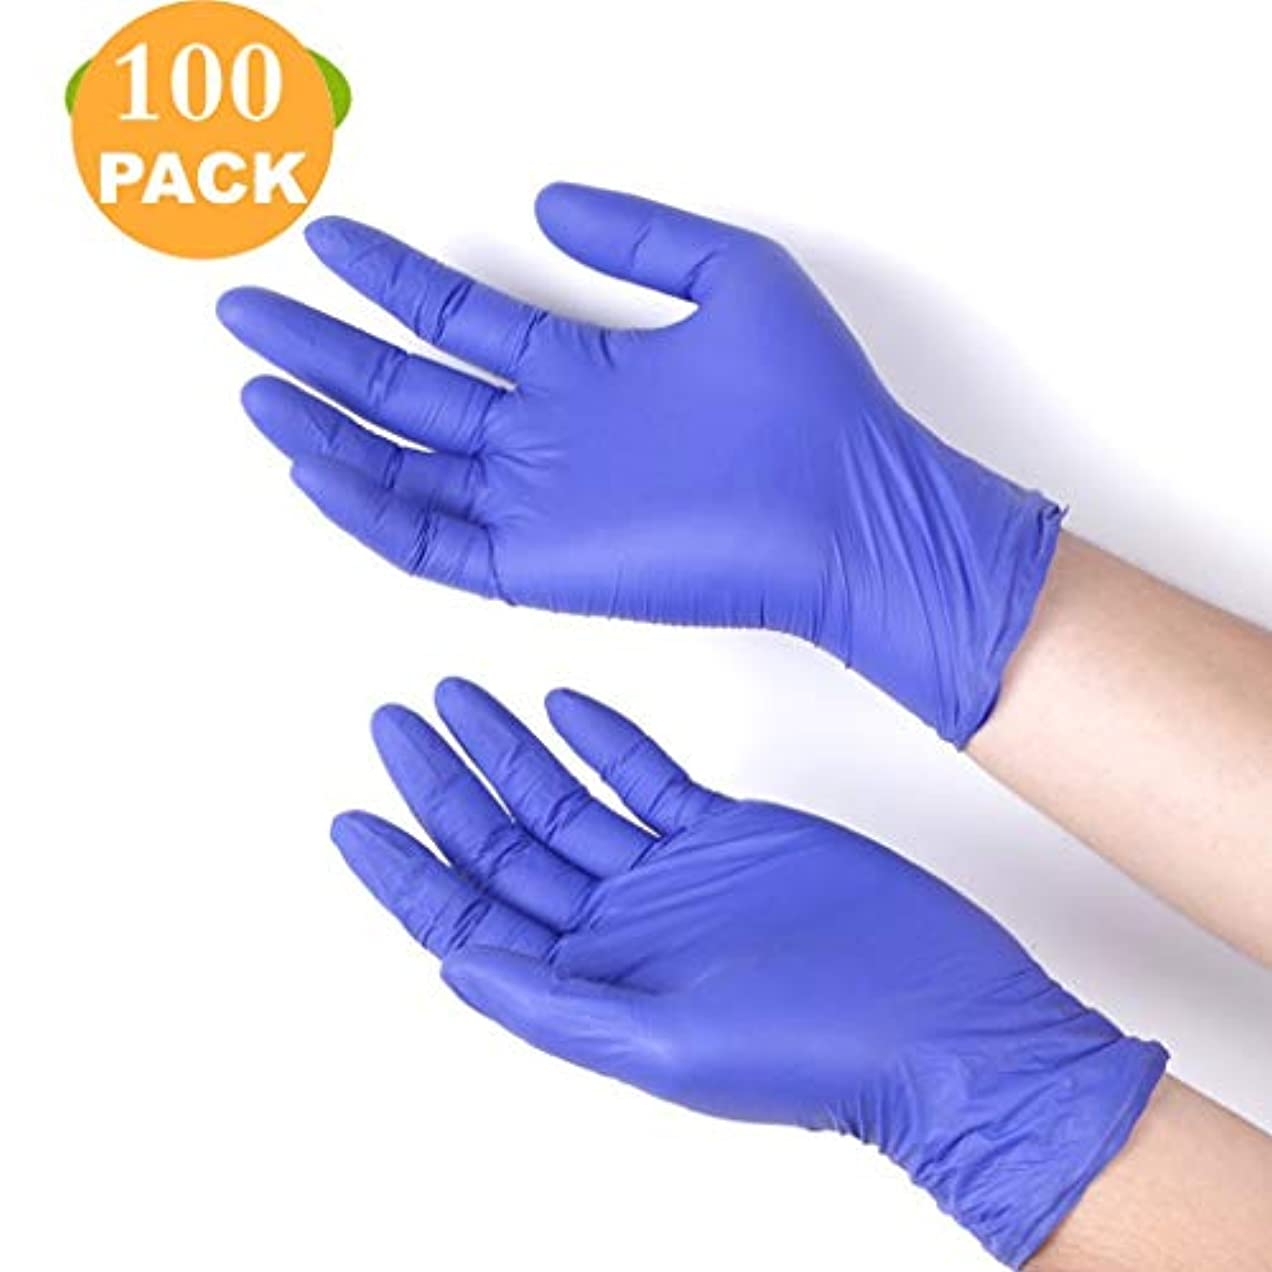 直立感情感度ニトリル手袋 - 5ミル、厚み付け、工業用、使い捨てのクリーニング手袋、100のパッケージ (Color : Blue, Size : S)